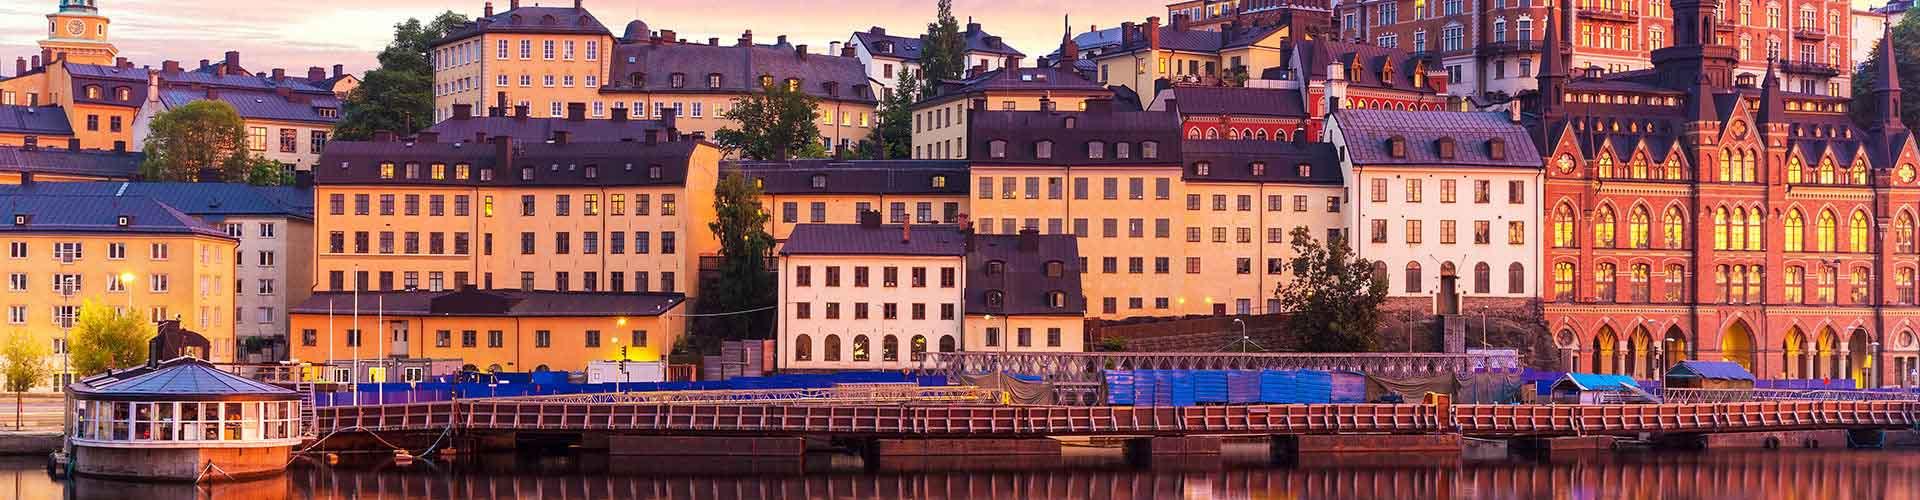 Tukholma – Hostellit kaupungiosassa Södermalm. Tukholma -karttoja, valokuvia ja arvosteluja kaikista Tukholma -hostelleista.